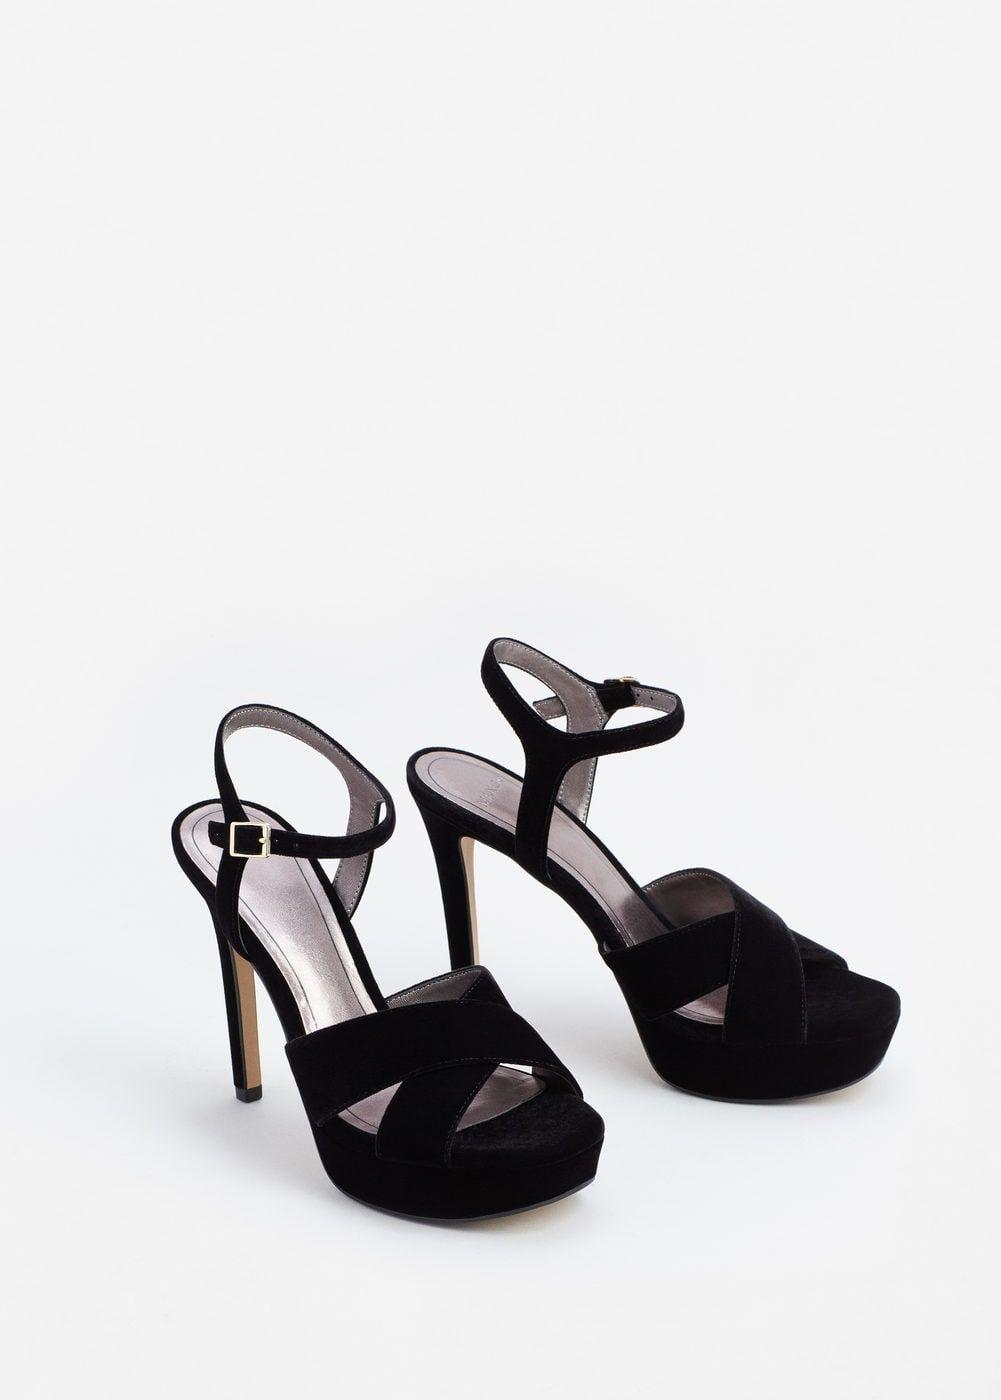 Cérémonie D'ouverture Paillettes Chaussures Plates - Noir aarrr5p